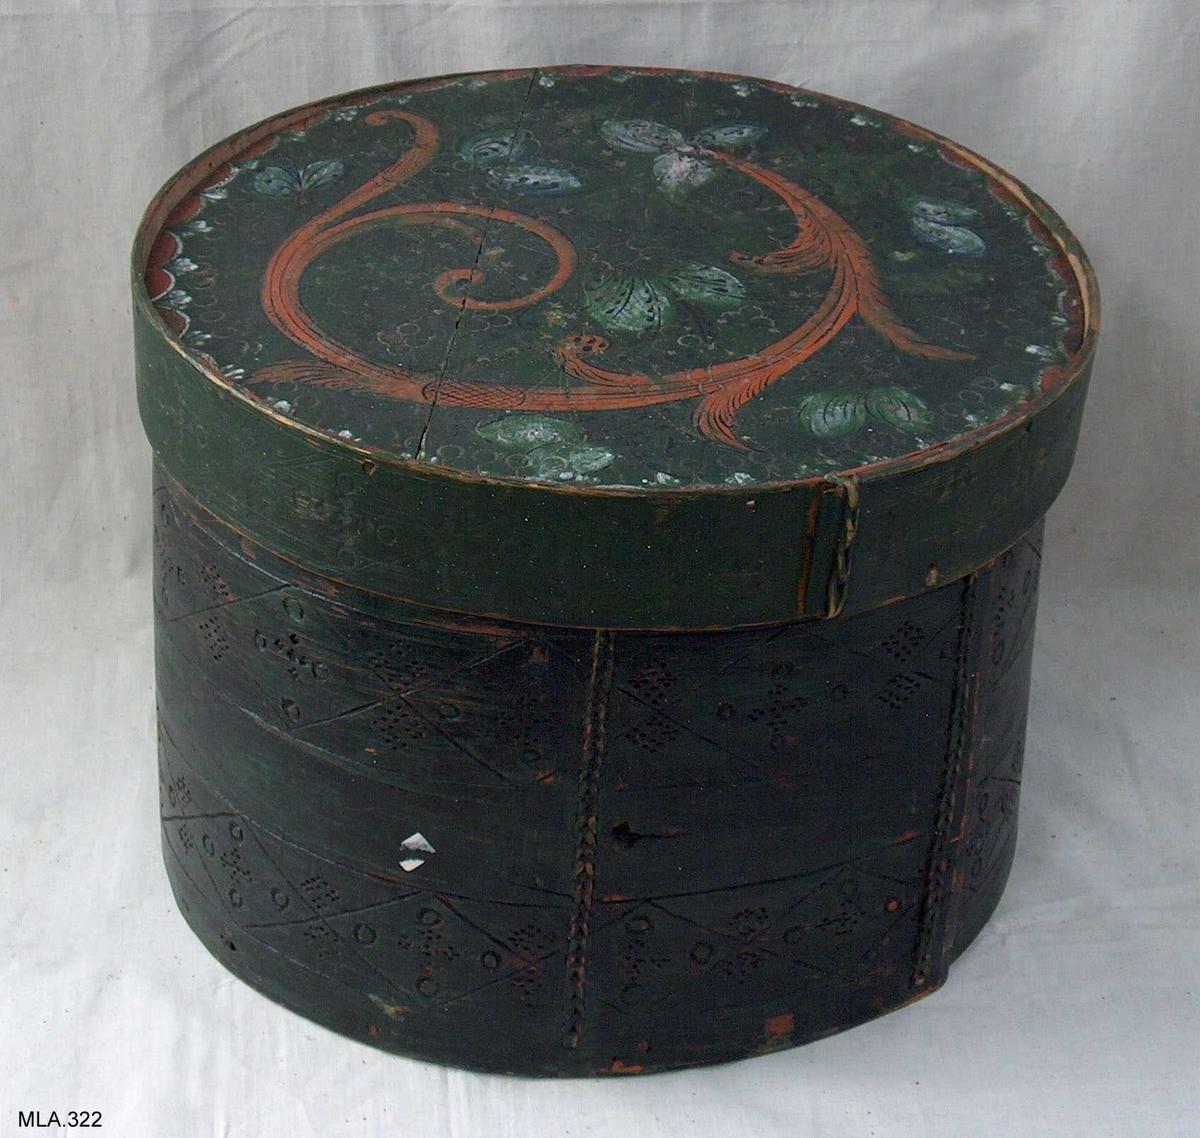 Klesask med lok. Sveipa og sauma med tåg. Svidekor under mørkgrøn farge. Loket har rosemåling i raudt, kvitt og svart.